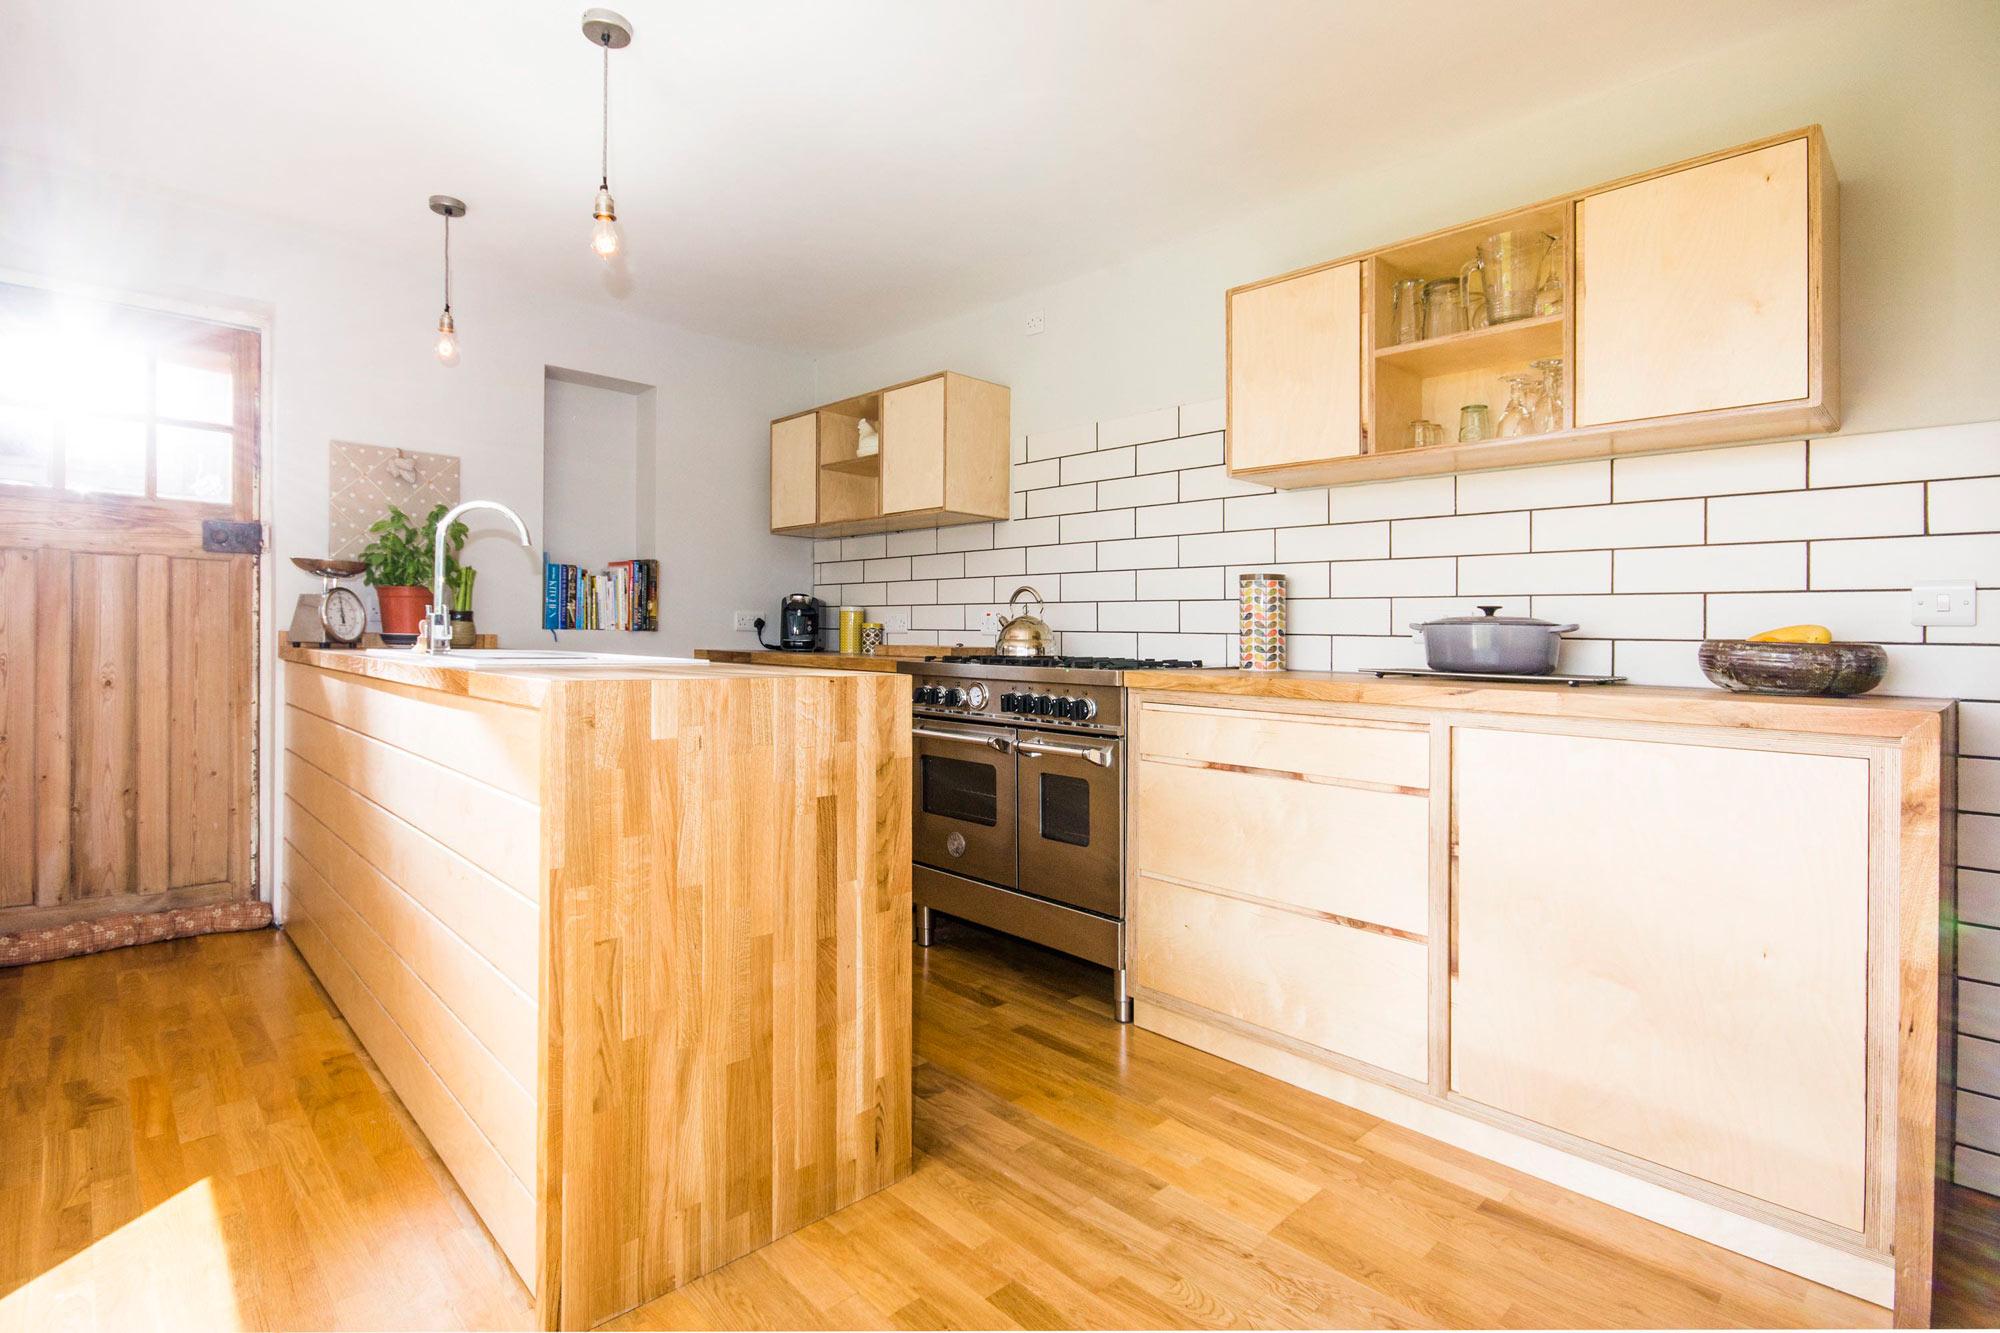 ashworth kitchens birch faced plywood kitchen. Black Bedroom Furniture Sets. Home Design Ideas